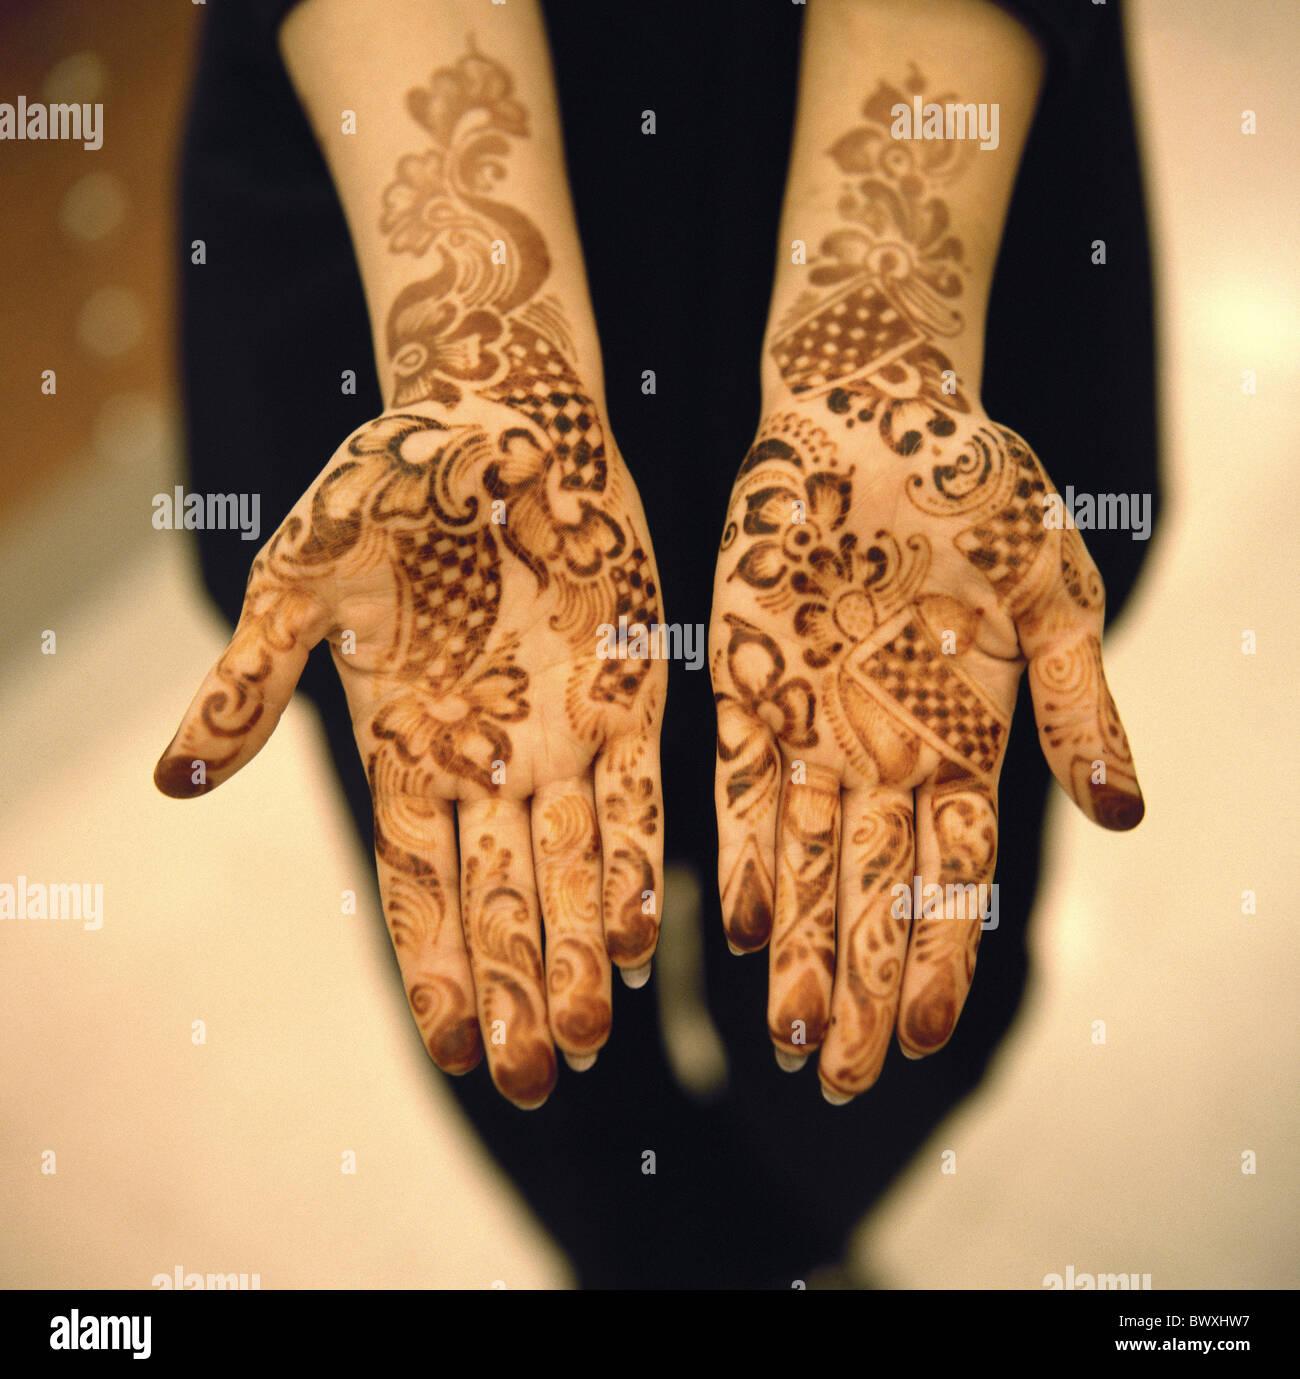 10331604 pintados Barém mulher mãos henna amostra padrão de vida close-up de ornamentação Imagens de Stock